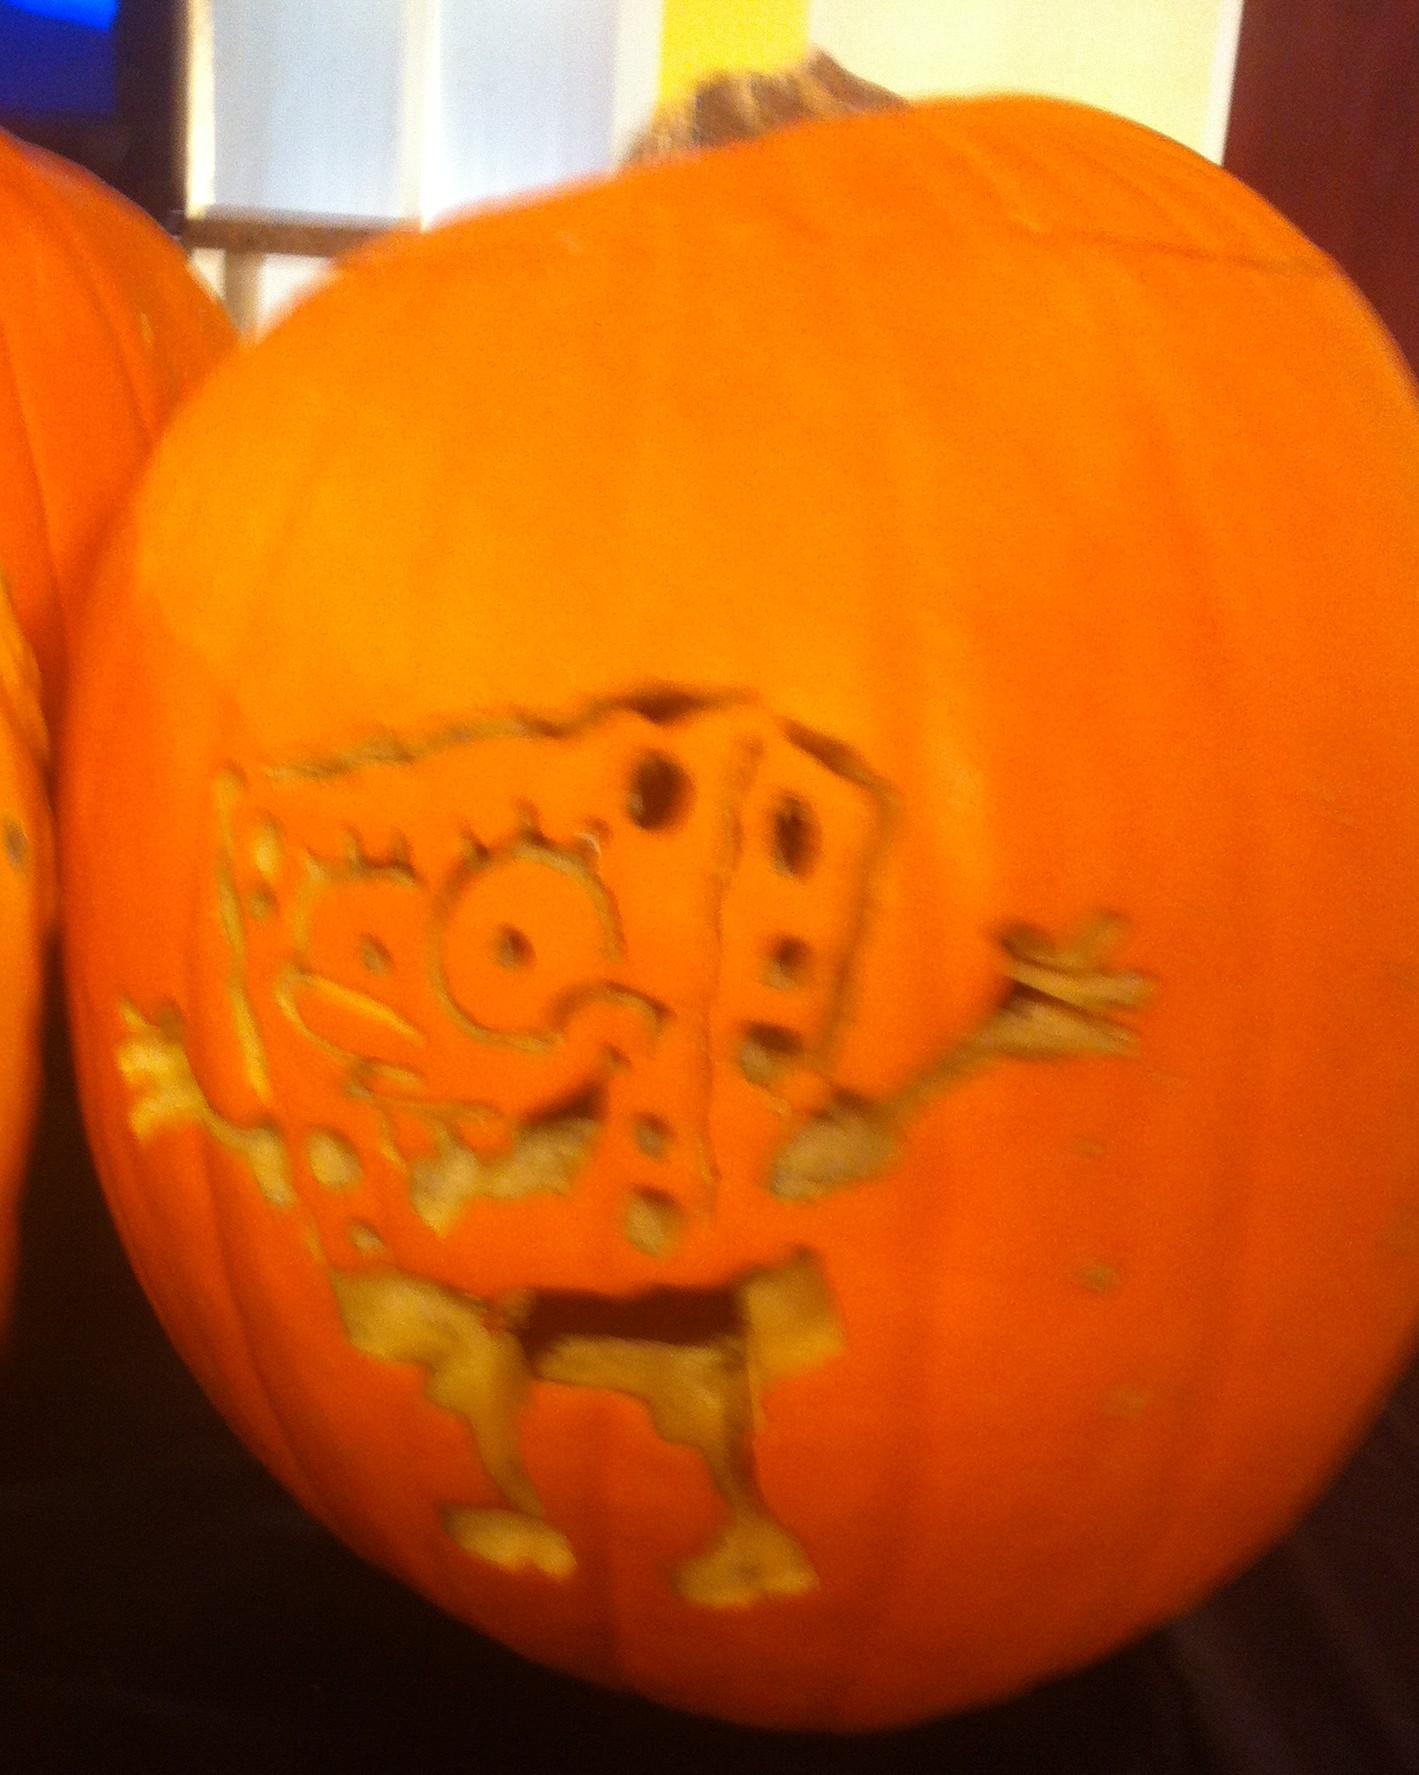 Spongebob Pumpkinpants